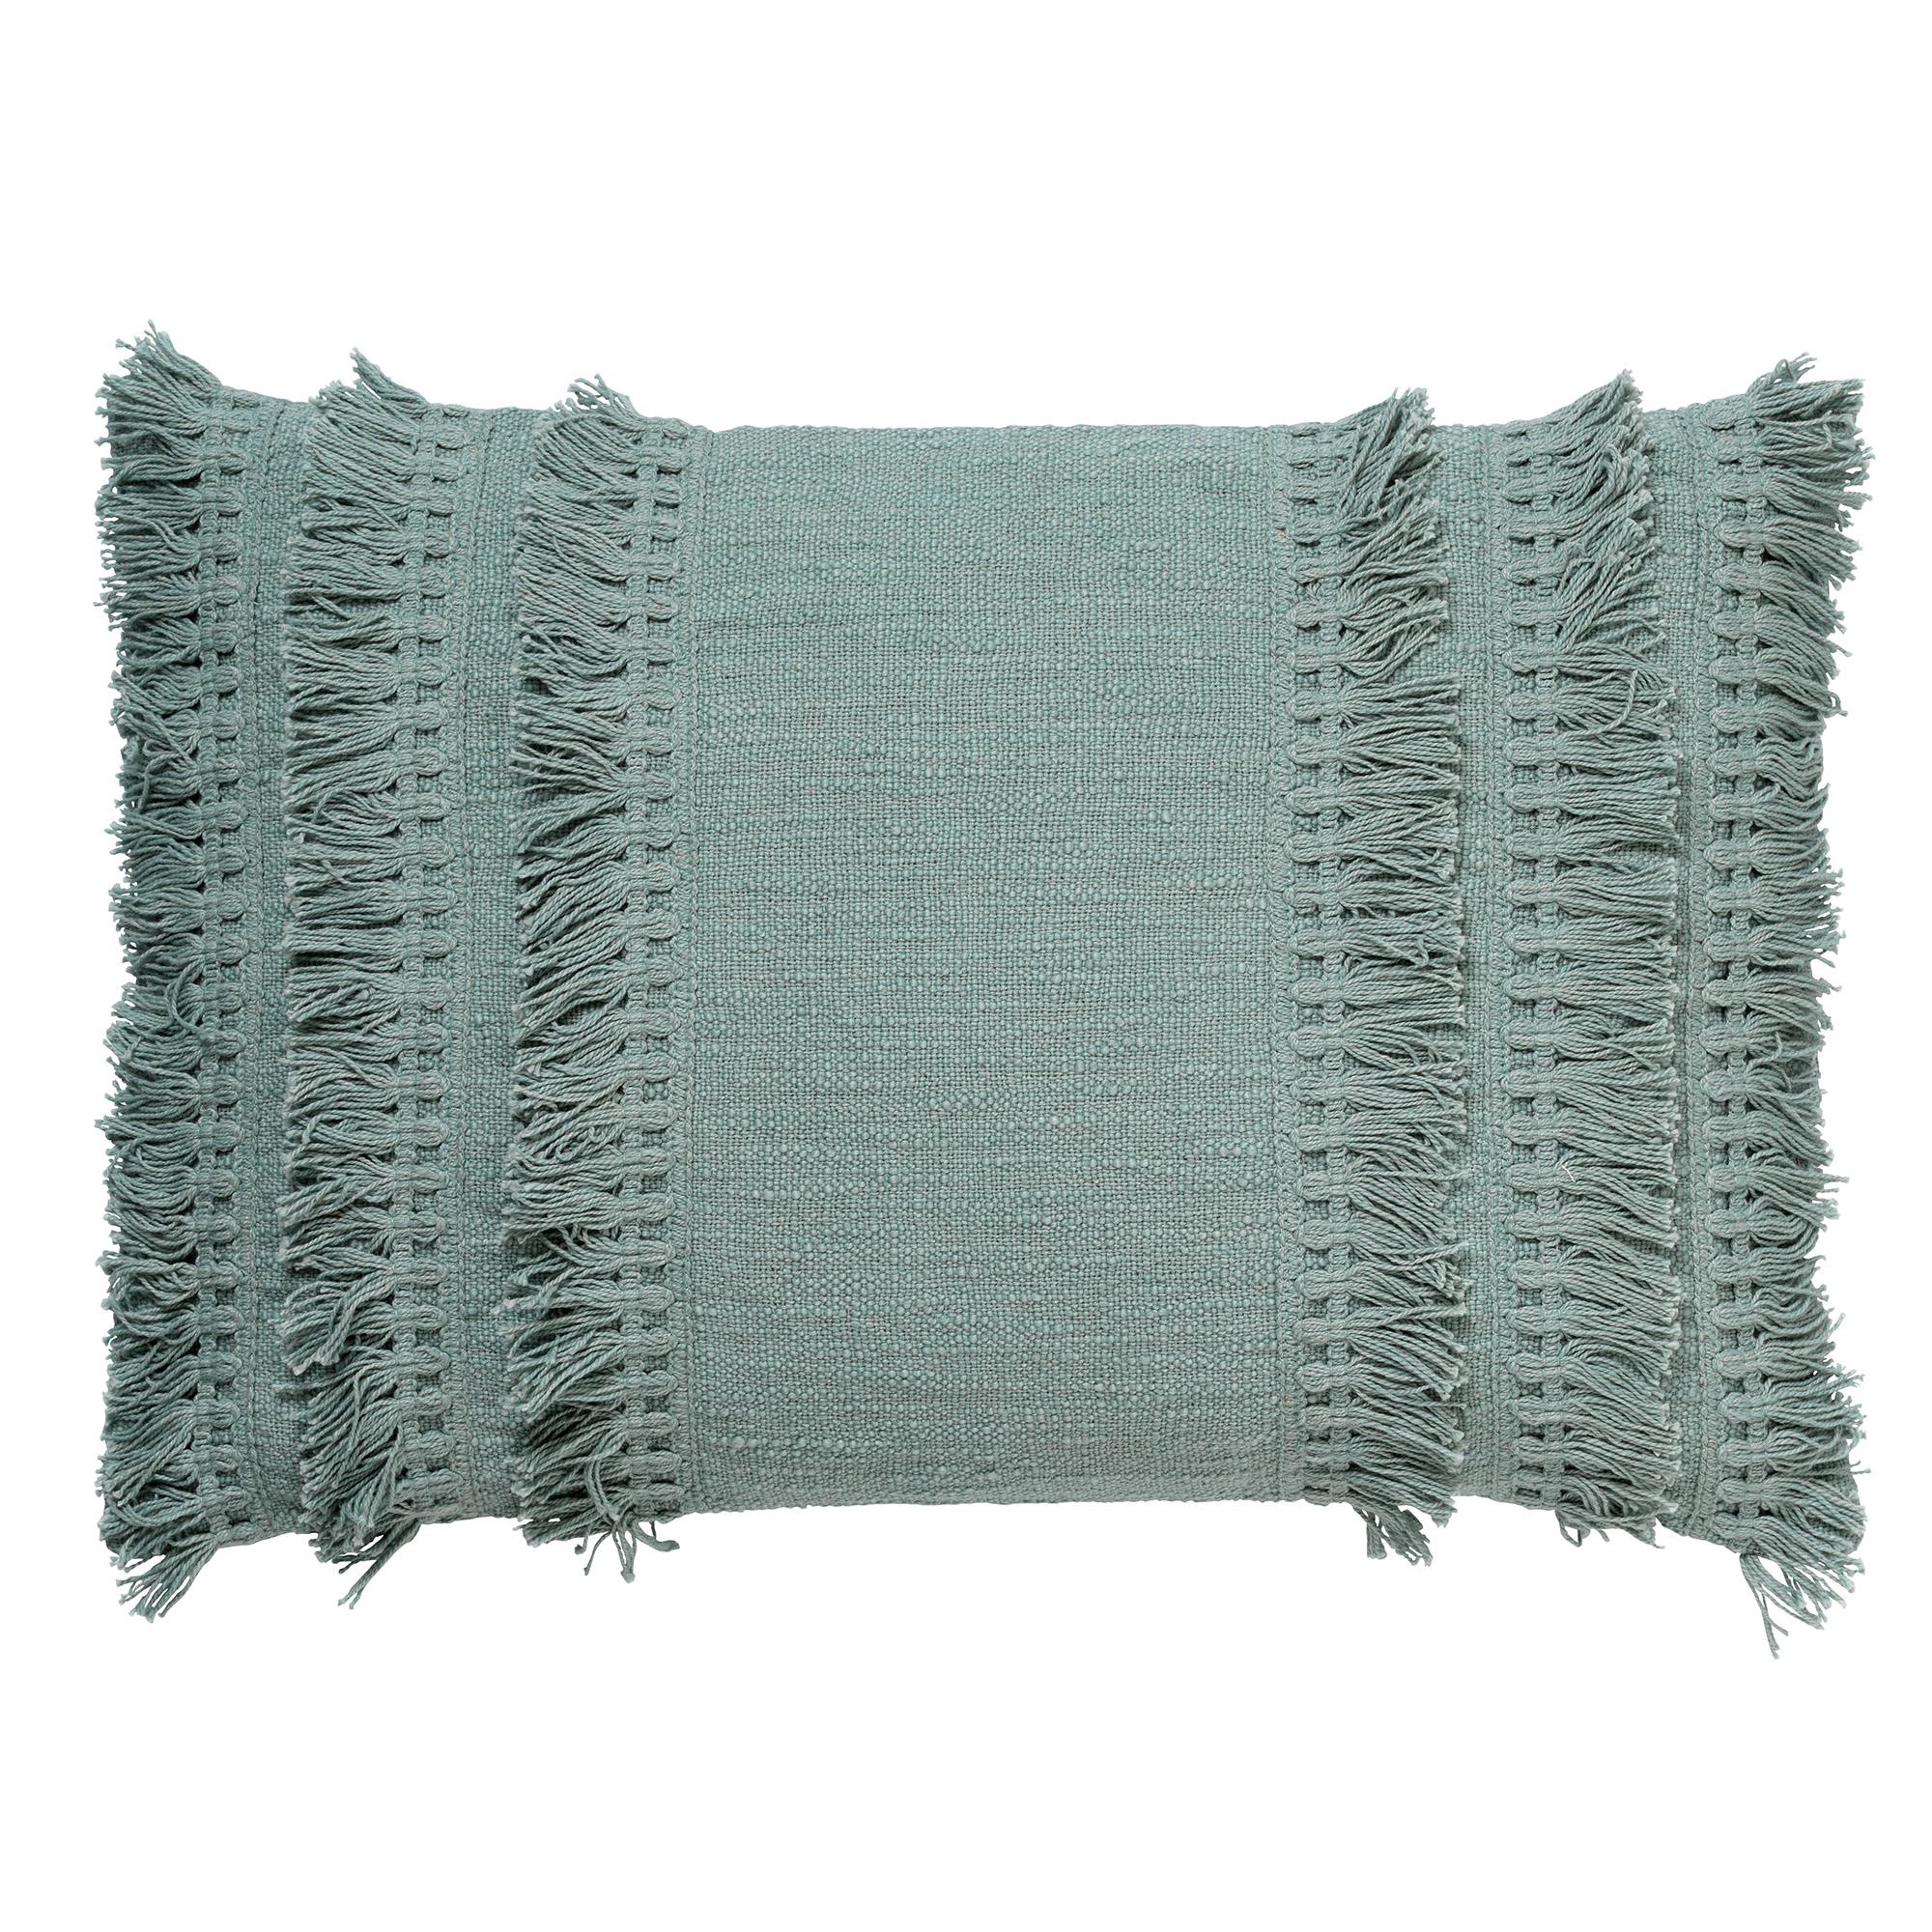 FARA - Sierkussen van katoen Jadeite 40x60 cm